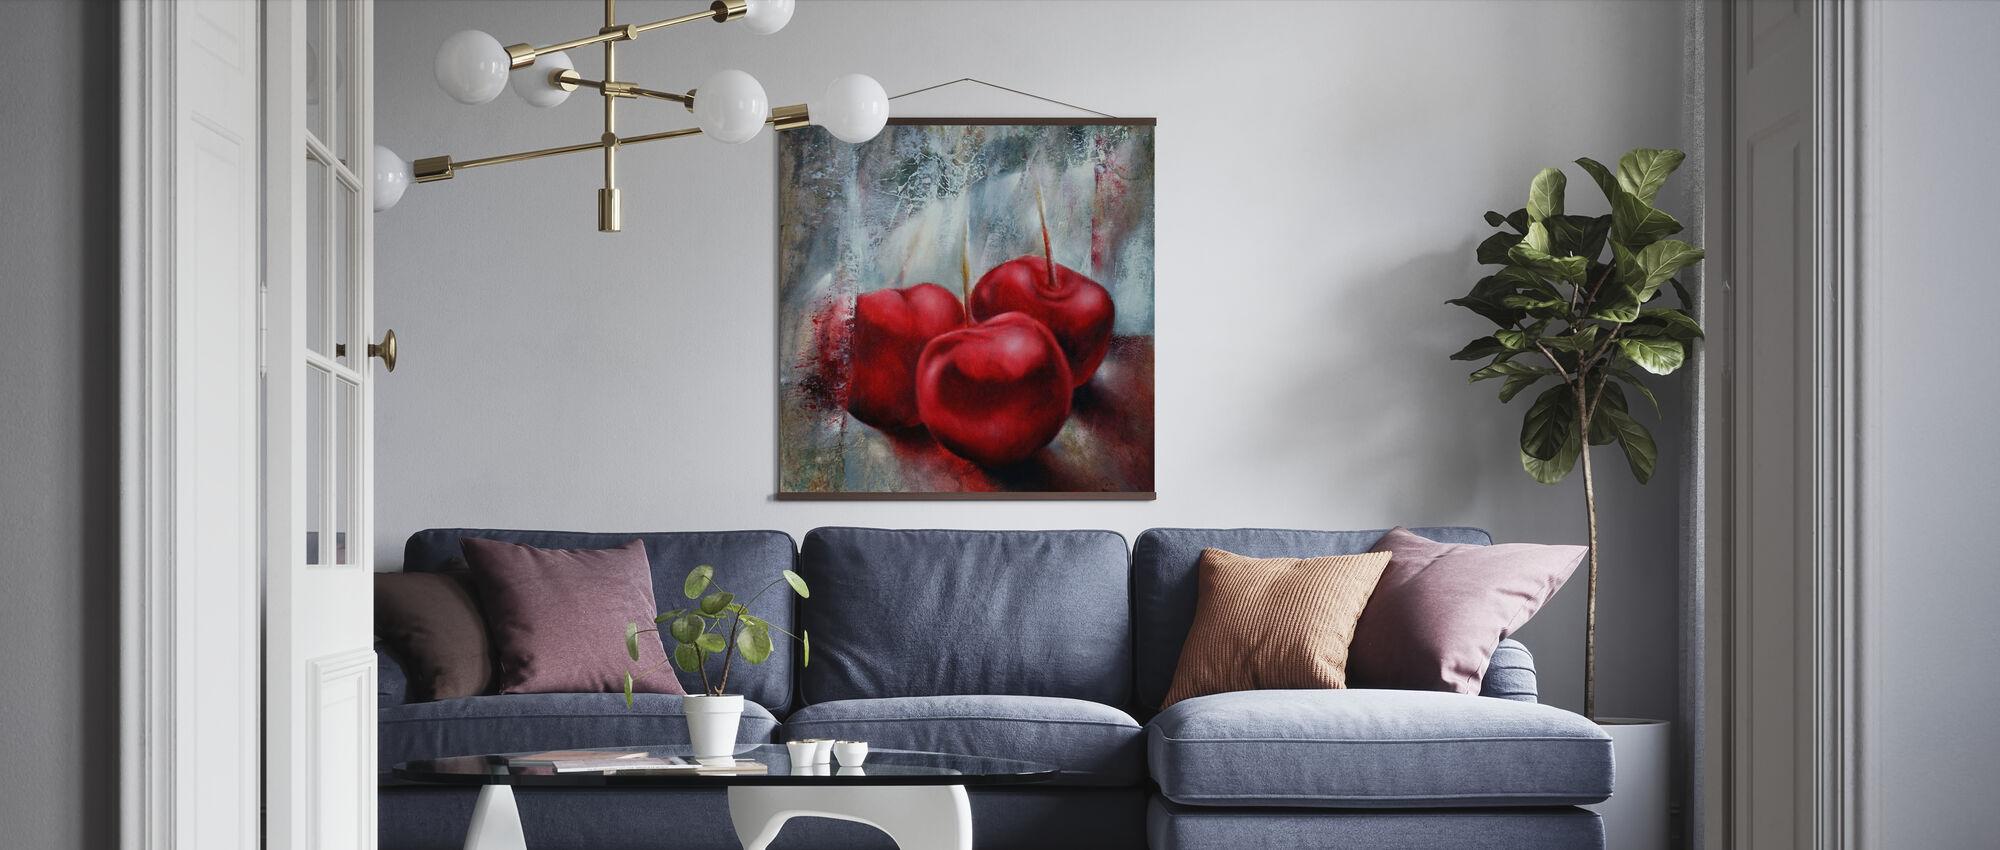 Cherries - Poster - Living Room